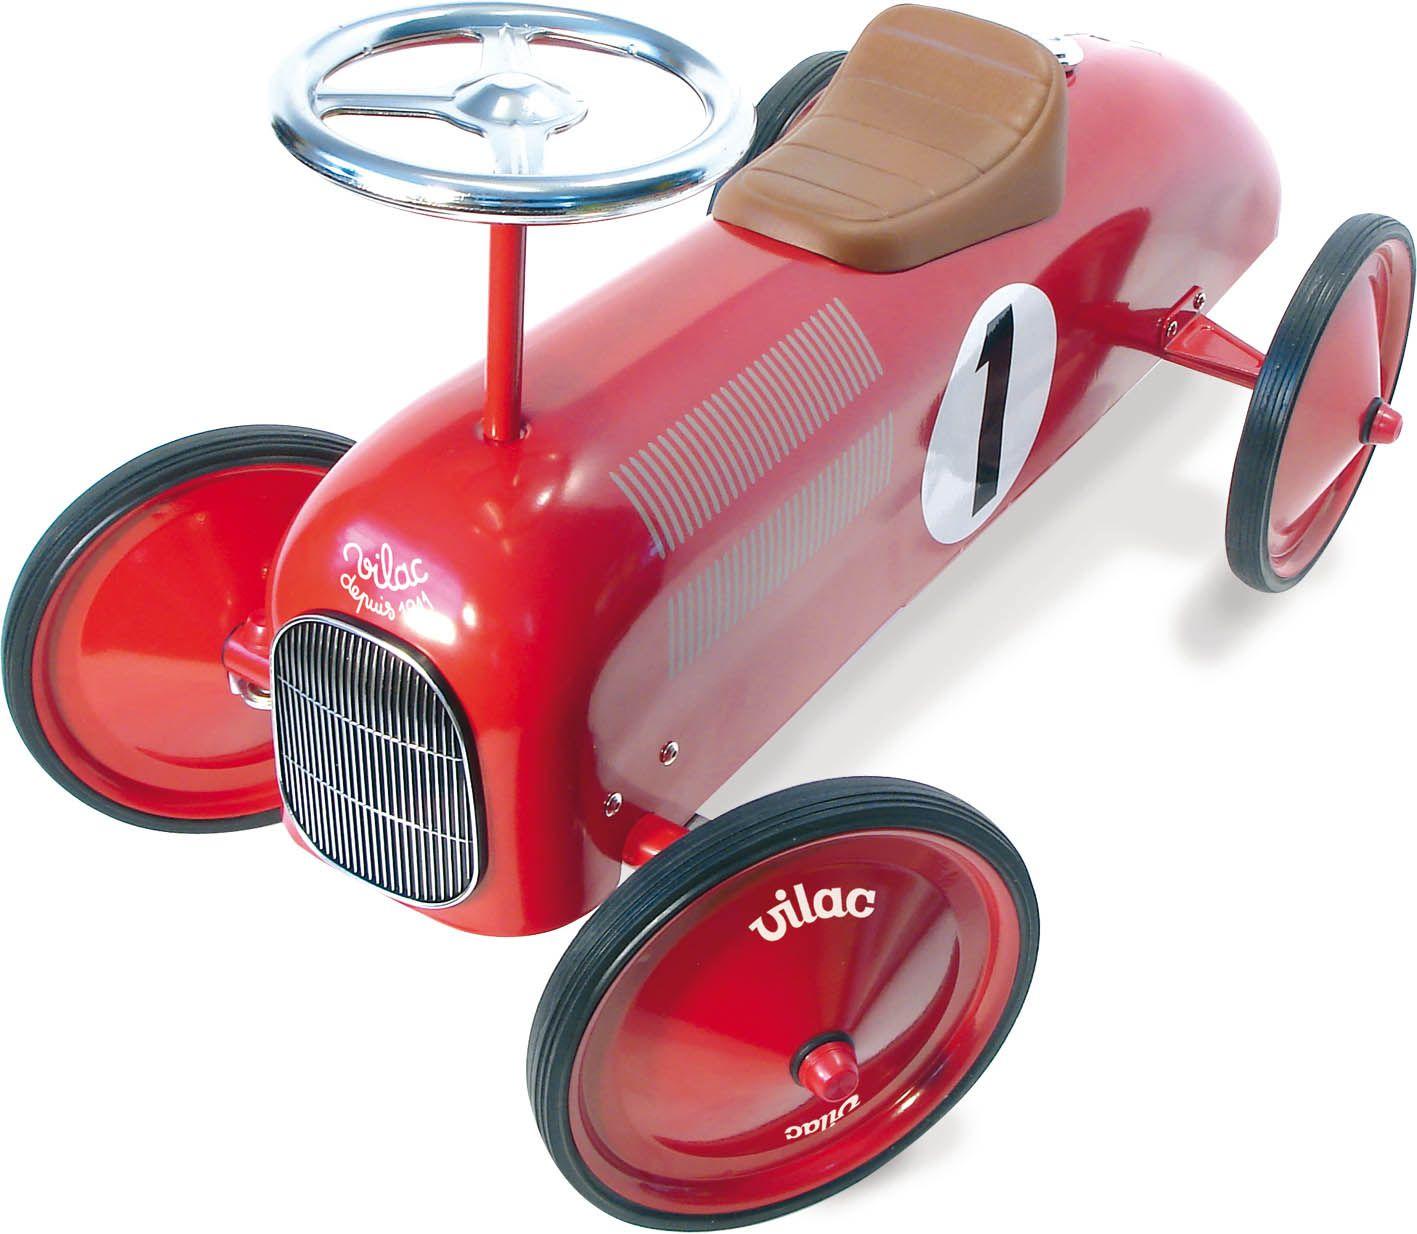 Osta Vilac - Punainen Kilpa-Auto (1049) - Motoriikkalelut - Coolshop